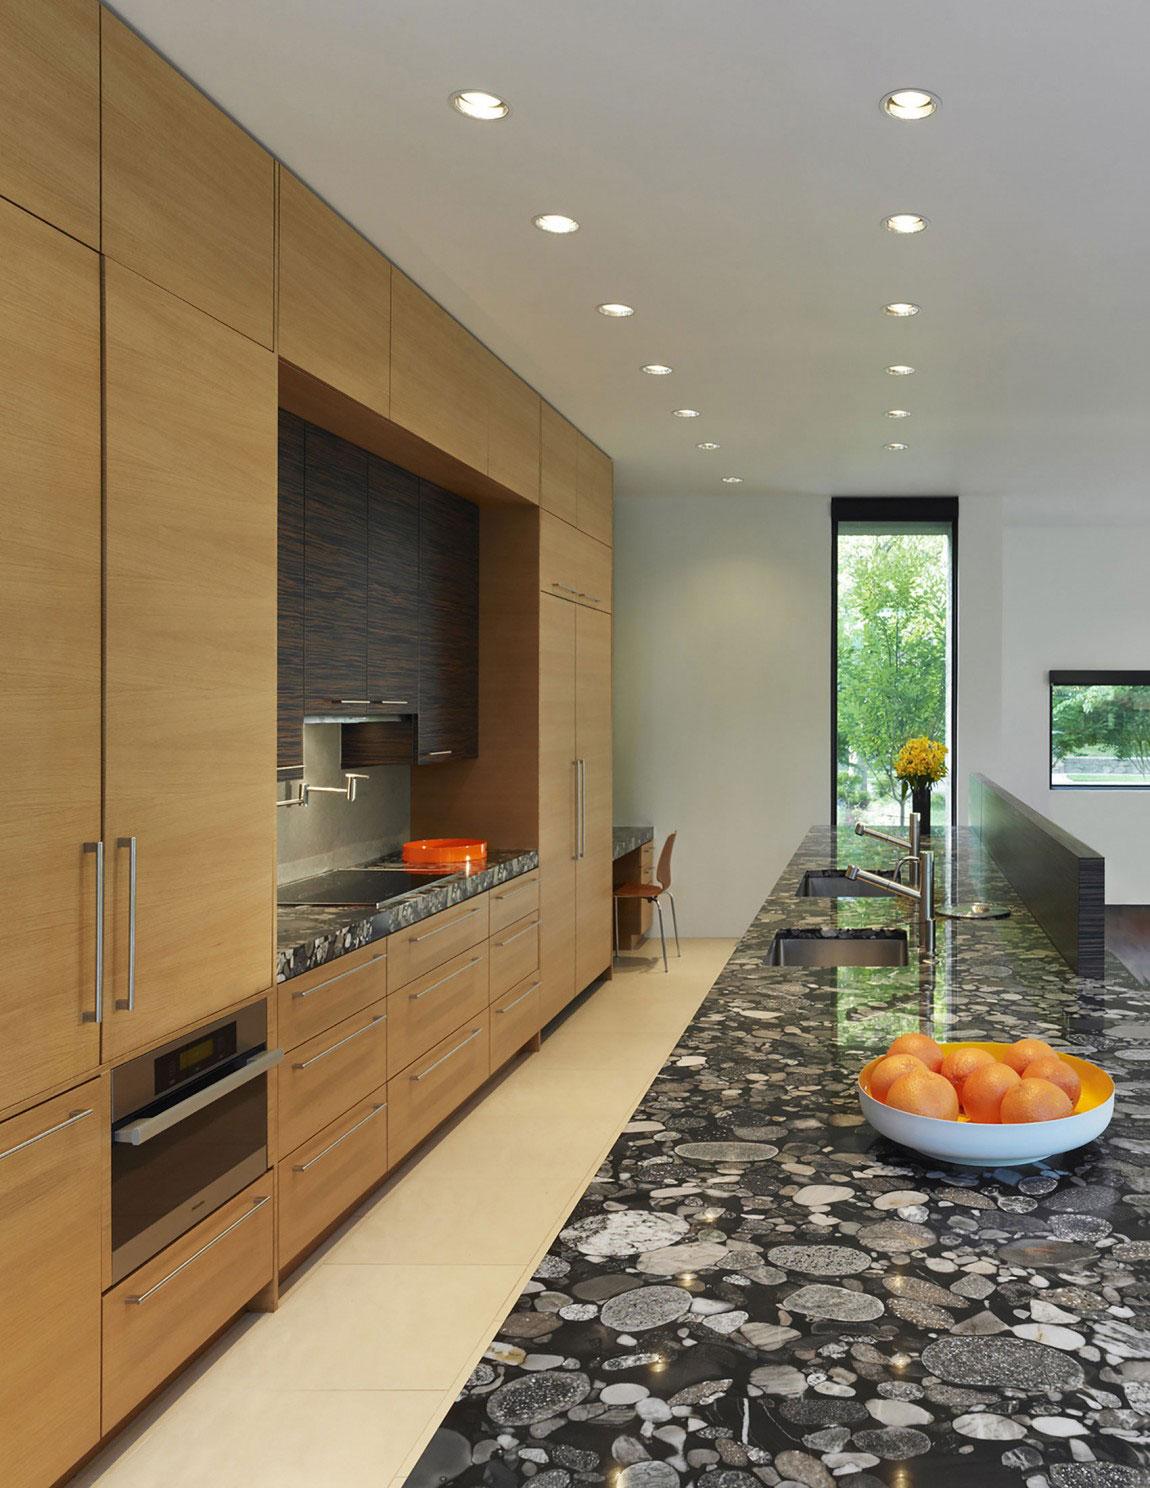 Brandywine-huset-är-en-inredning-design-och-arkitektur-inspiration-8 Brandywine huset är en inspiration för inredning och arkitektur